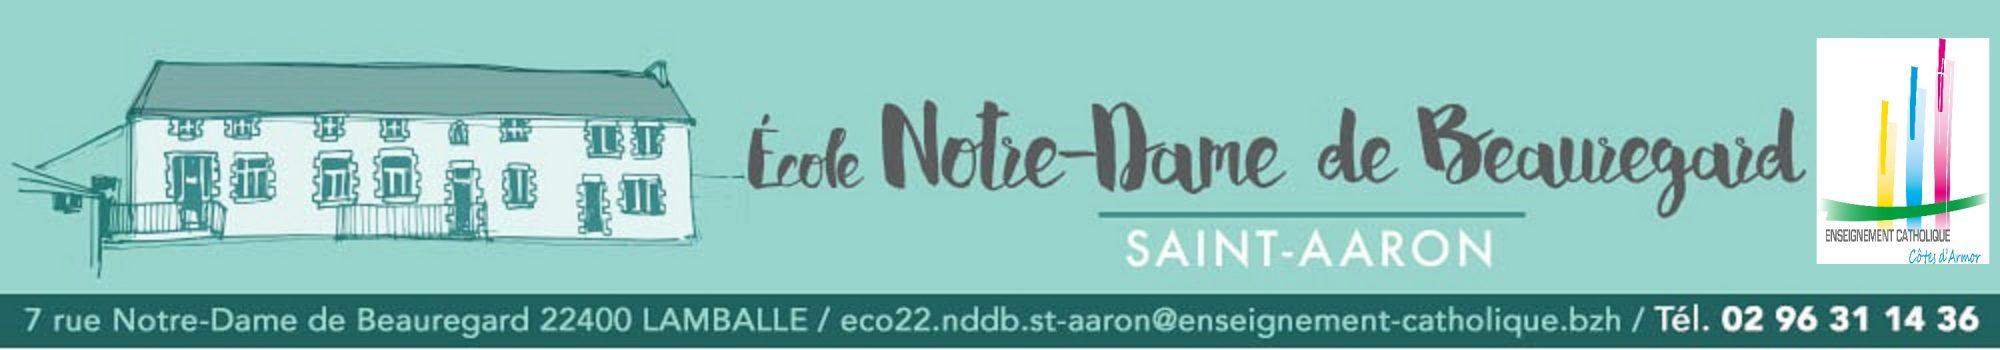 Ecole Notre-Dame de Beauregard – St Aaron